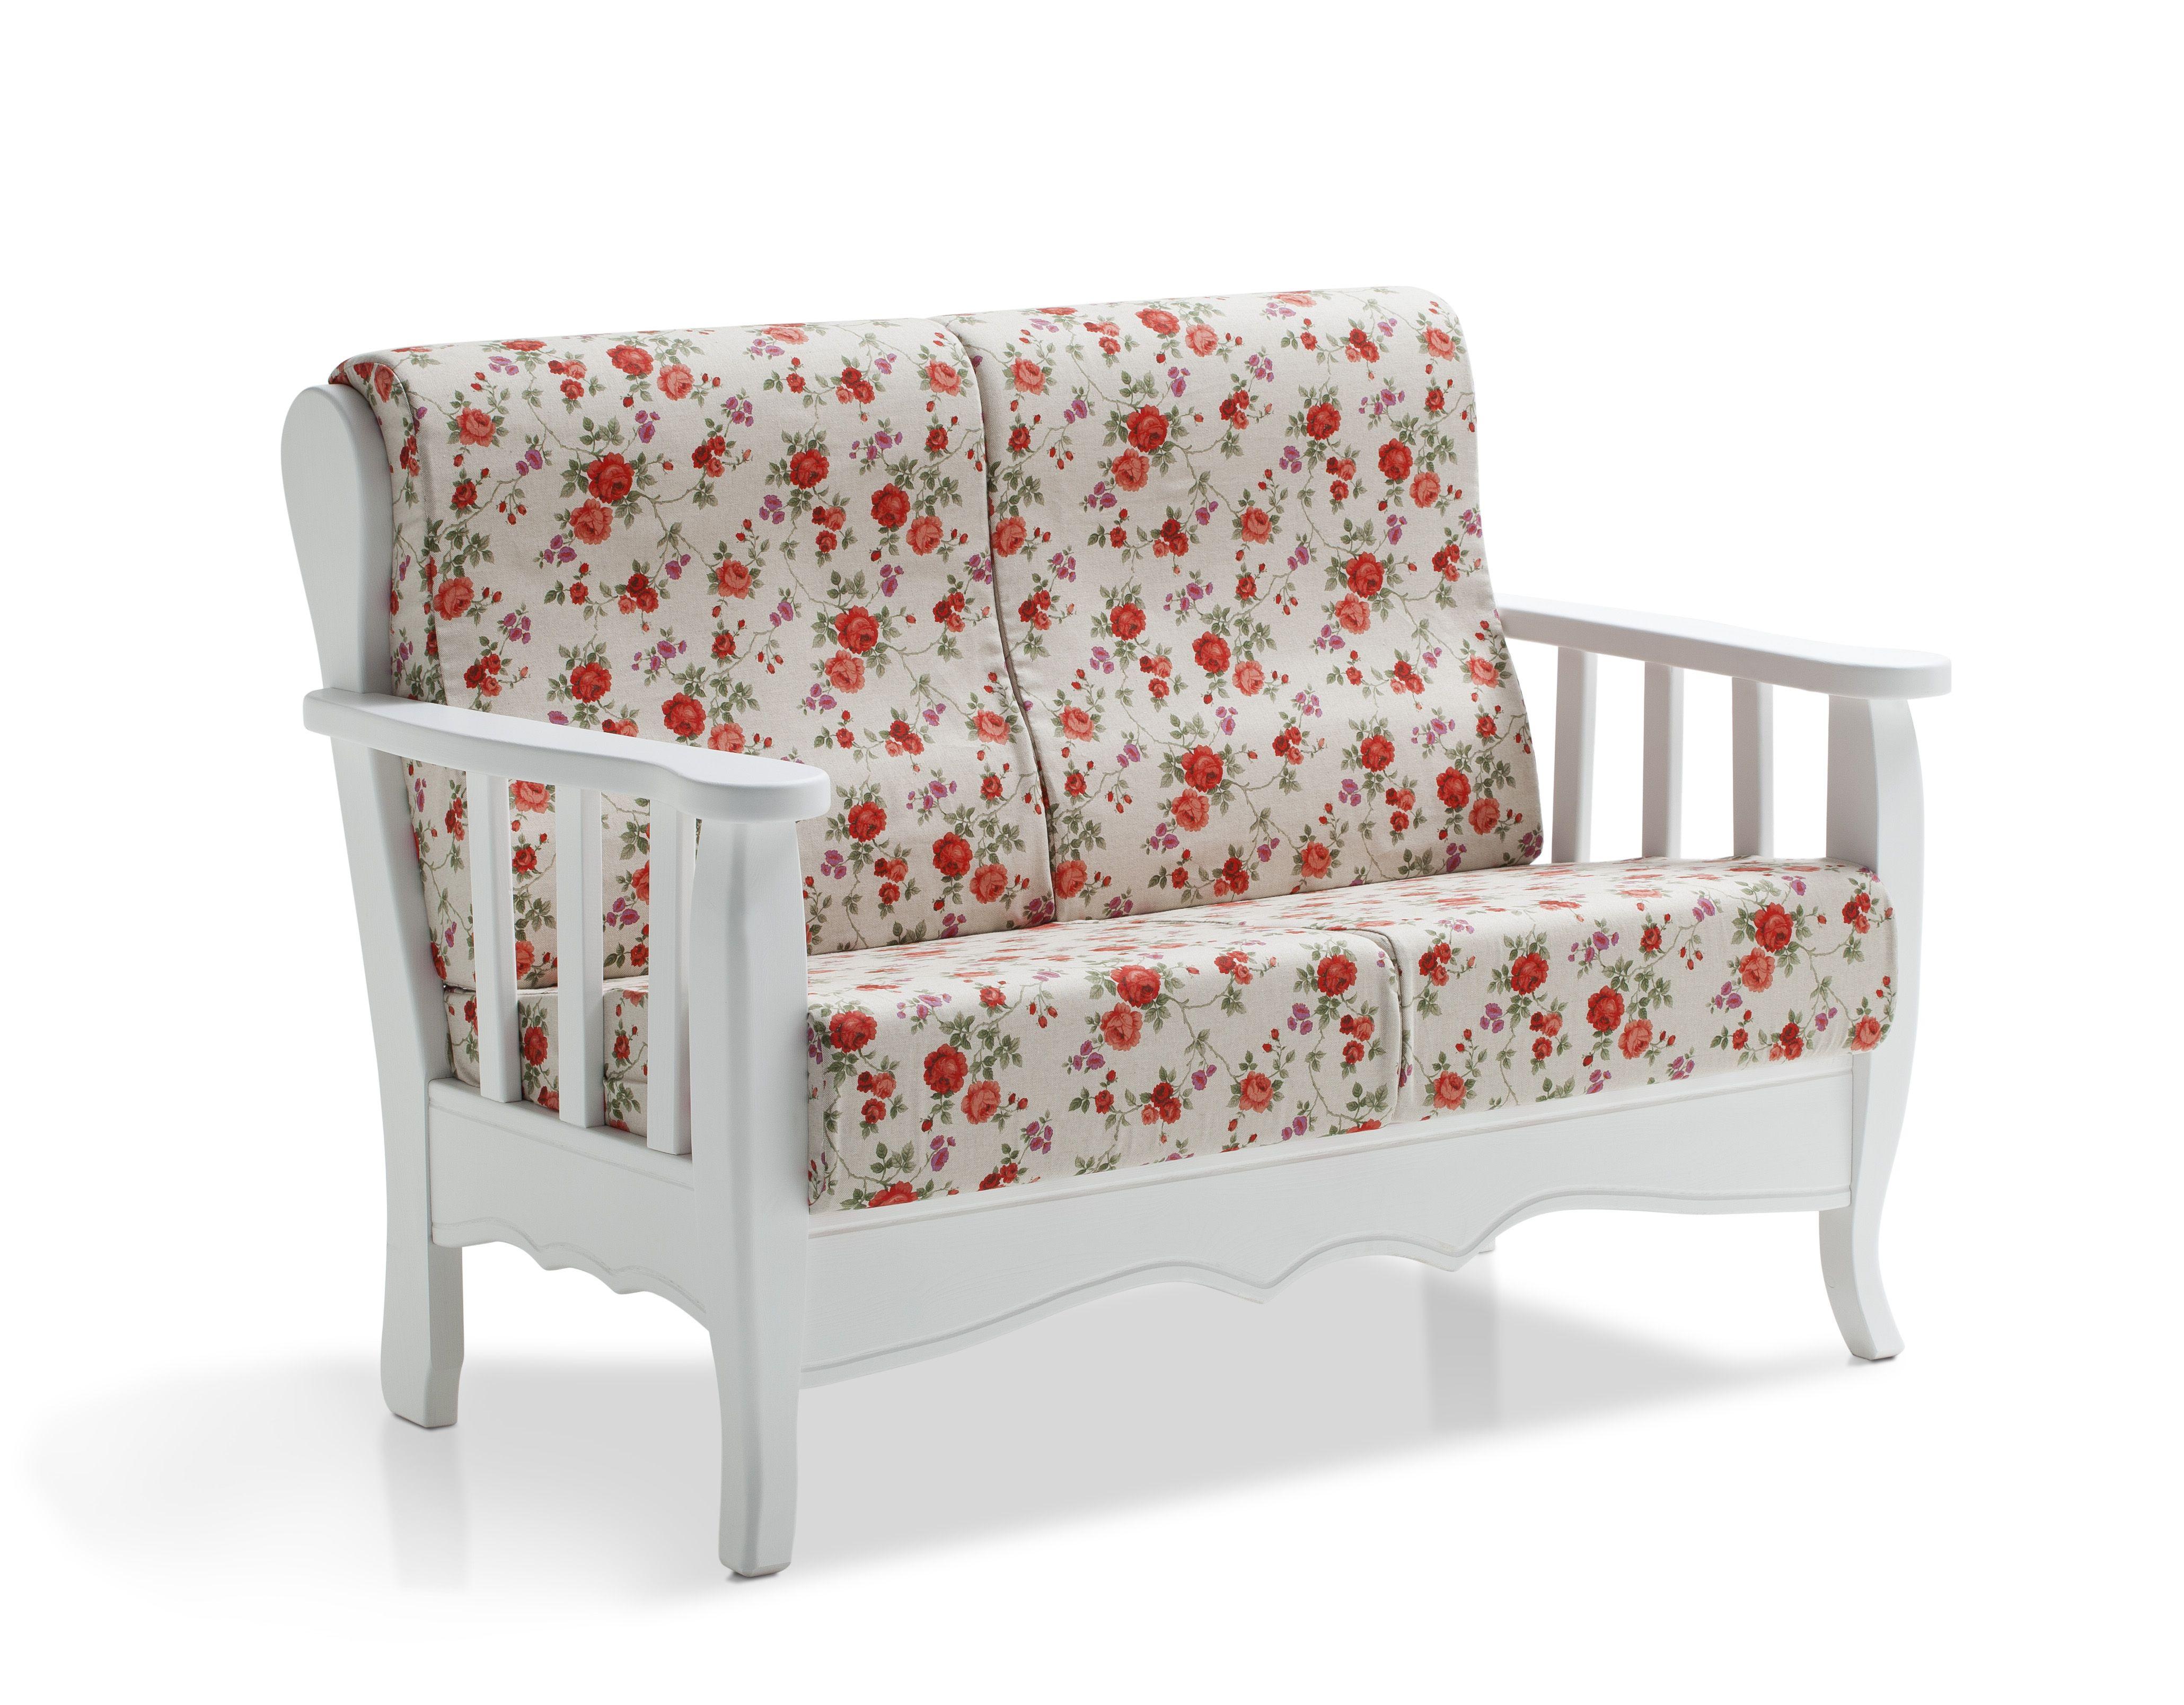 Divano bianco 2 posti in pino massello con cuscini